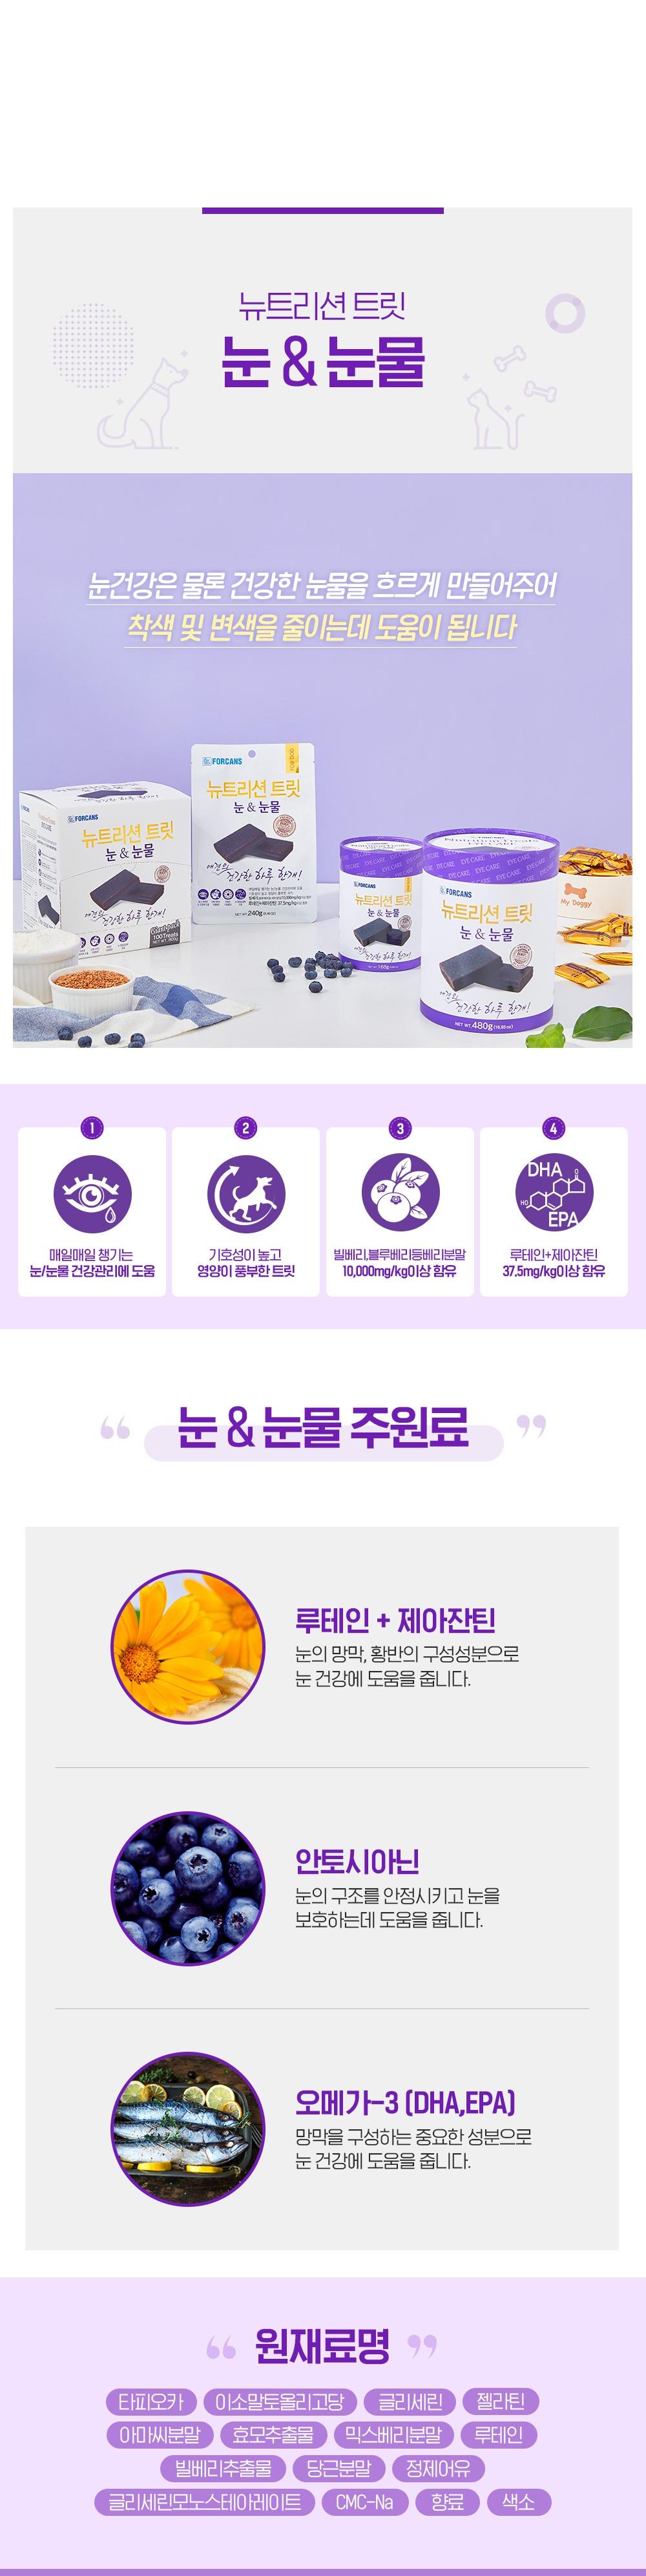 [오구오구특가]반려견 영양제 포켄스 뉴트리션 트릿 면역/영양 (2개세트)-상품이미지-5